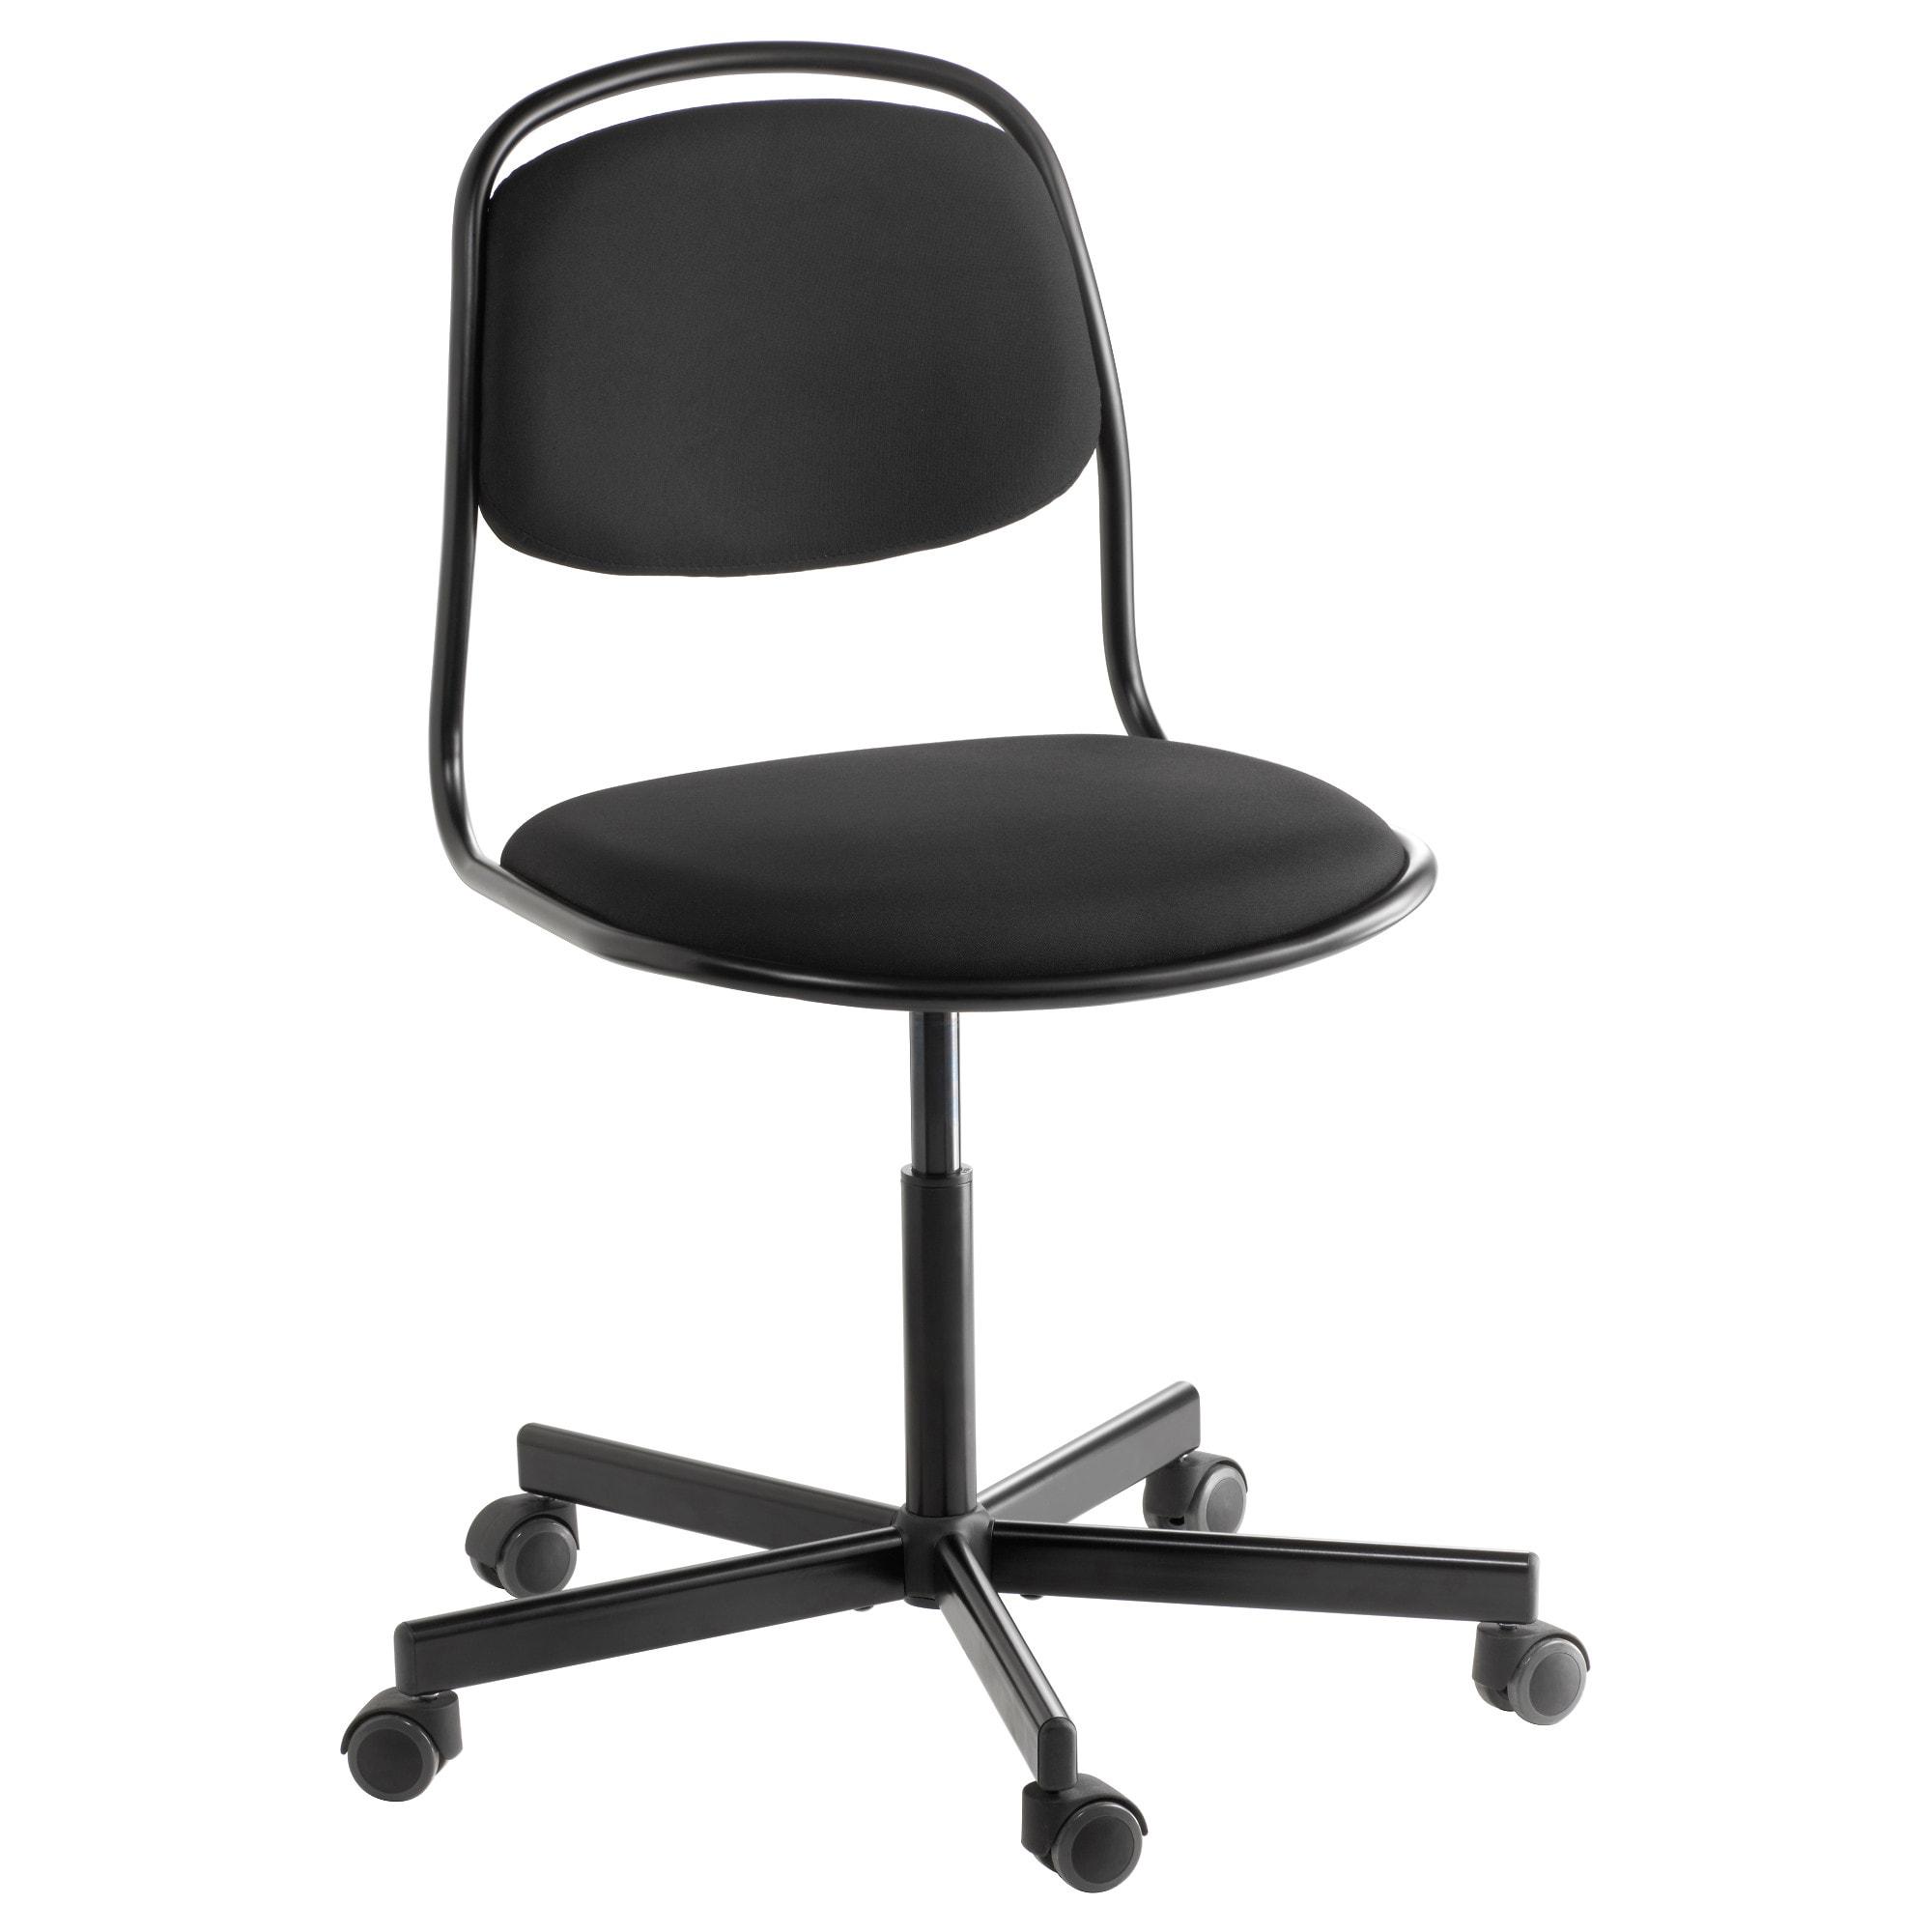 Silla Despacho Ikea Q5df Sillas De Oficina Y Sillas De Trabajo Pra Online Ikea